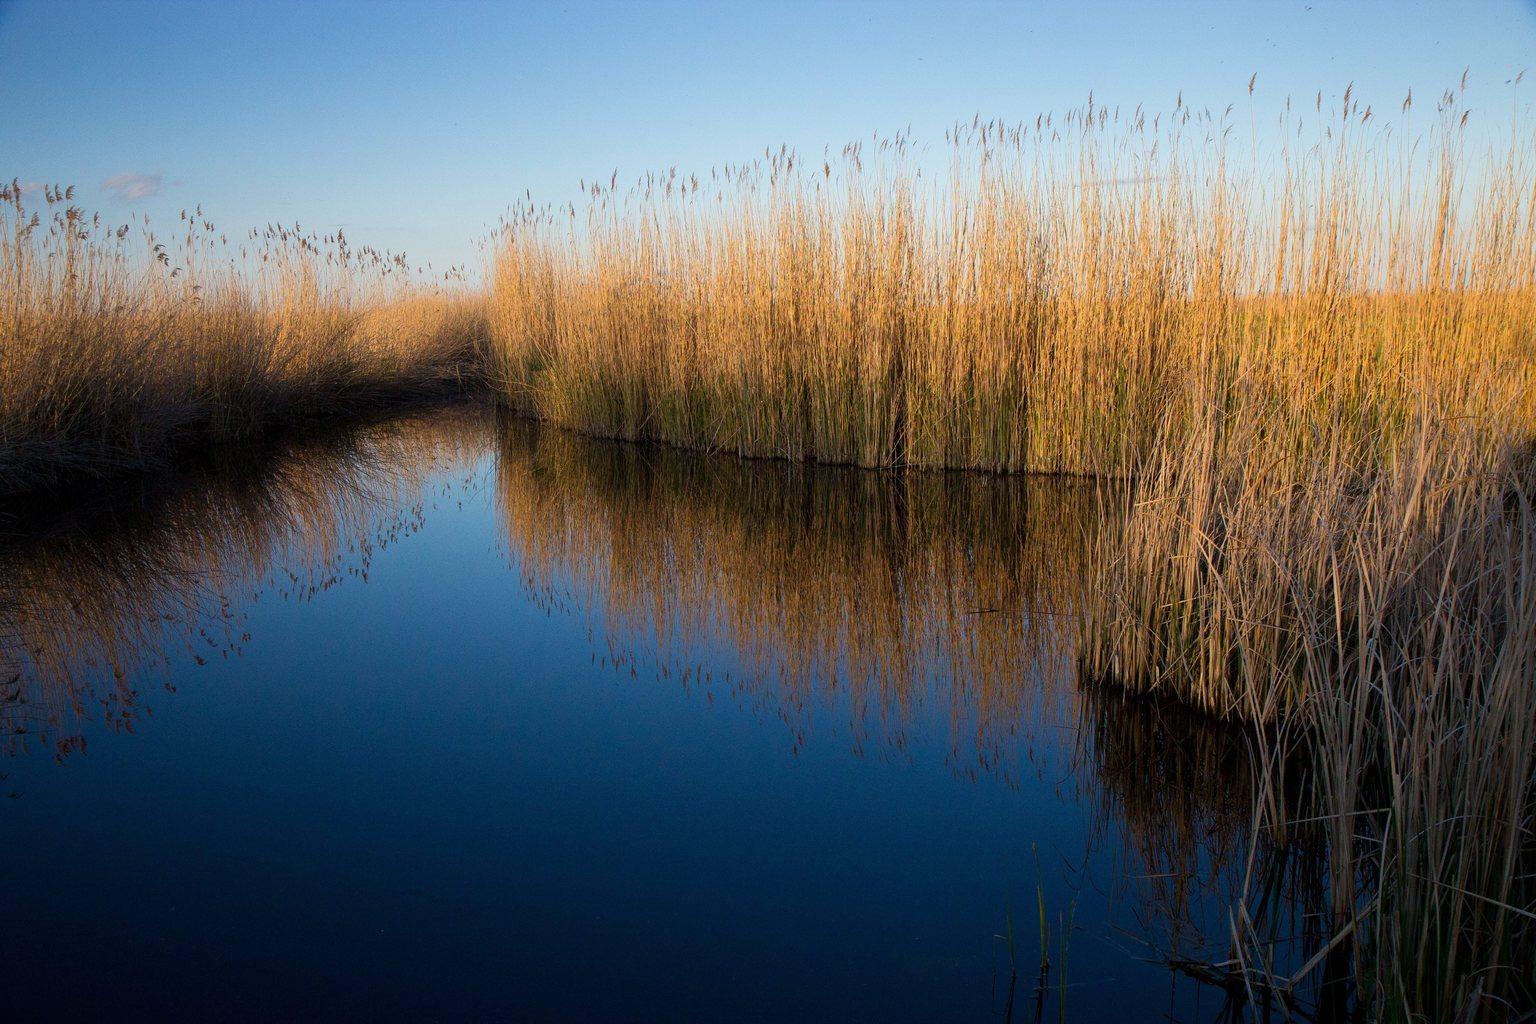 Nádas a Fertő-Hanság Nemzeti Parkban, az UNESCO világörökségi védelem alatt álló Fertő kultúrtáji területen. Az ENSZ Nevelésügyi, Tudományos és Kulturális Szervezete (UNESCO) Világörökség Bizottsága 2001-ben vette fel a Világörökség Listára a Fertő / Neusiedlersee kultúrtájat, amely Ausztriával közös terület. (MTI Fotó: Nyikos Péter)